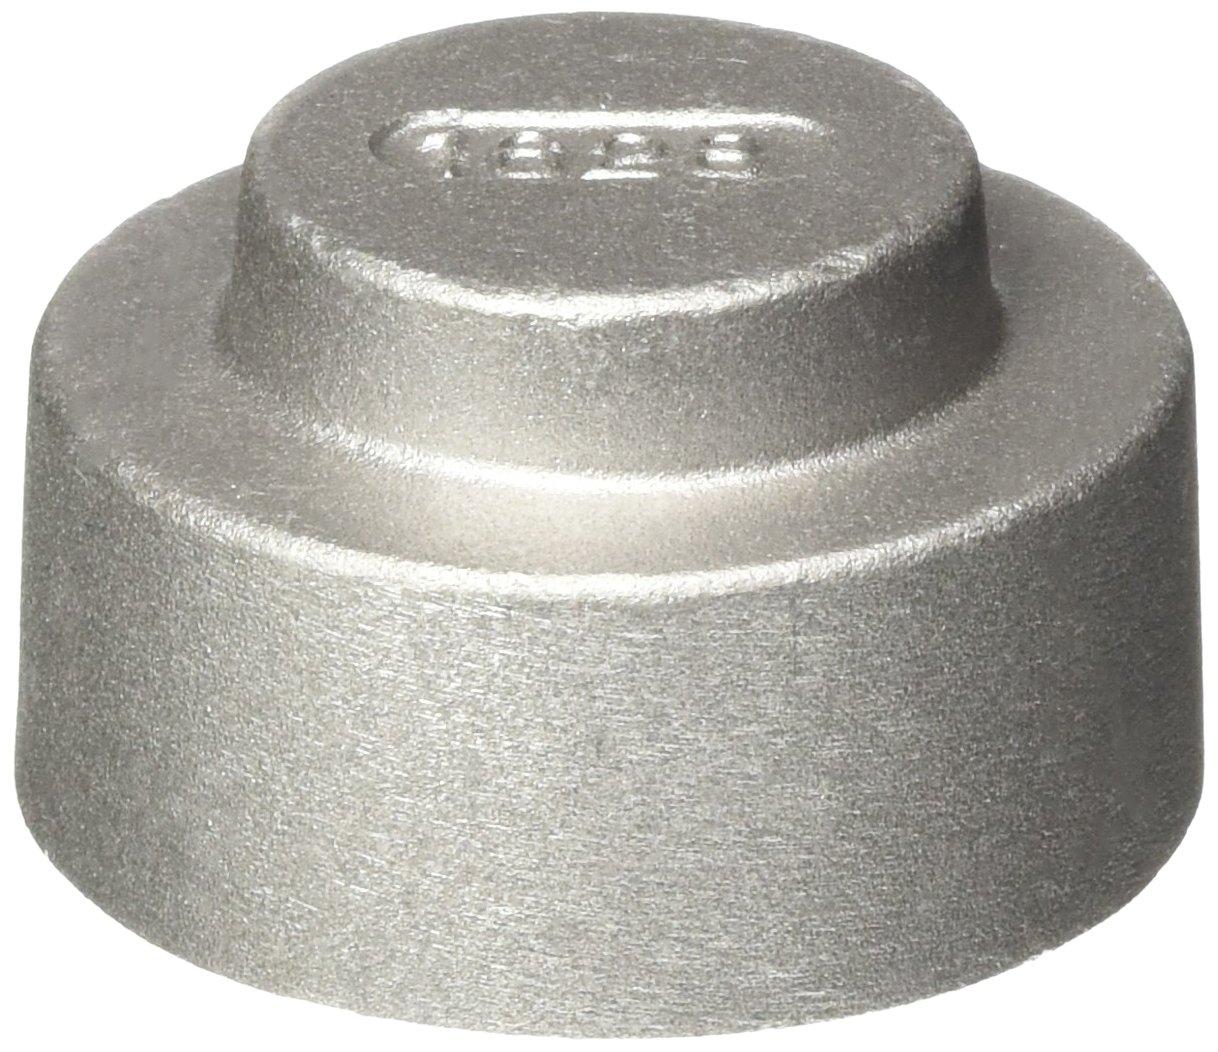 211352 Steel Drill Bit0900 of Hss 2.4mm 10 Pcs